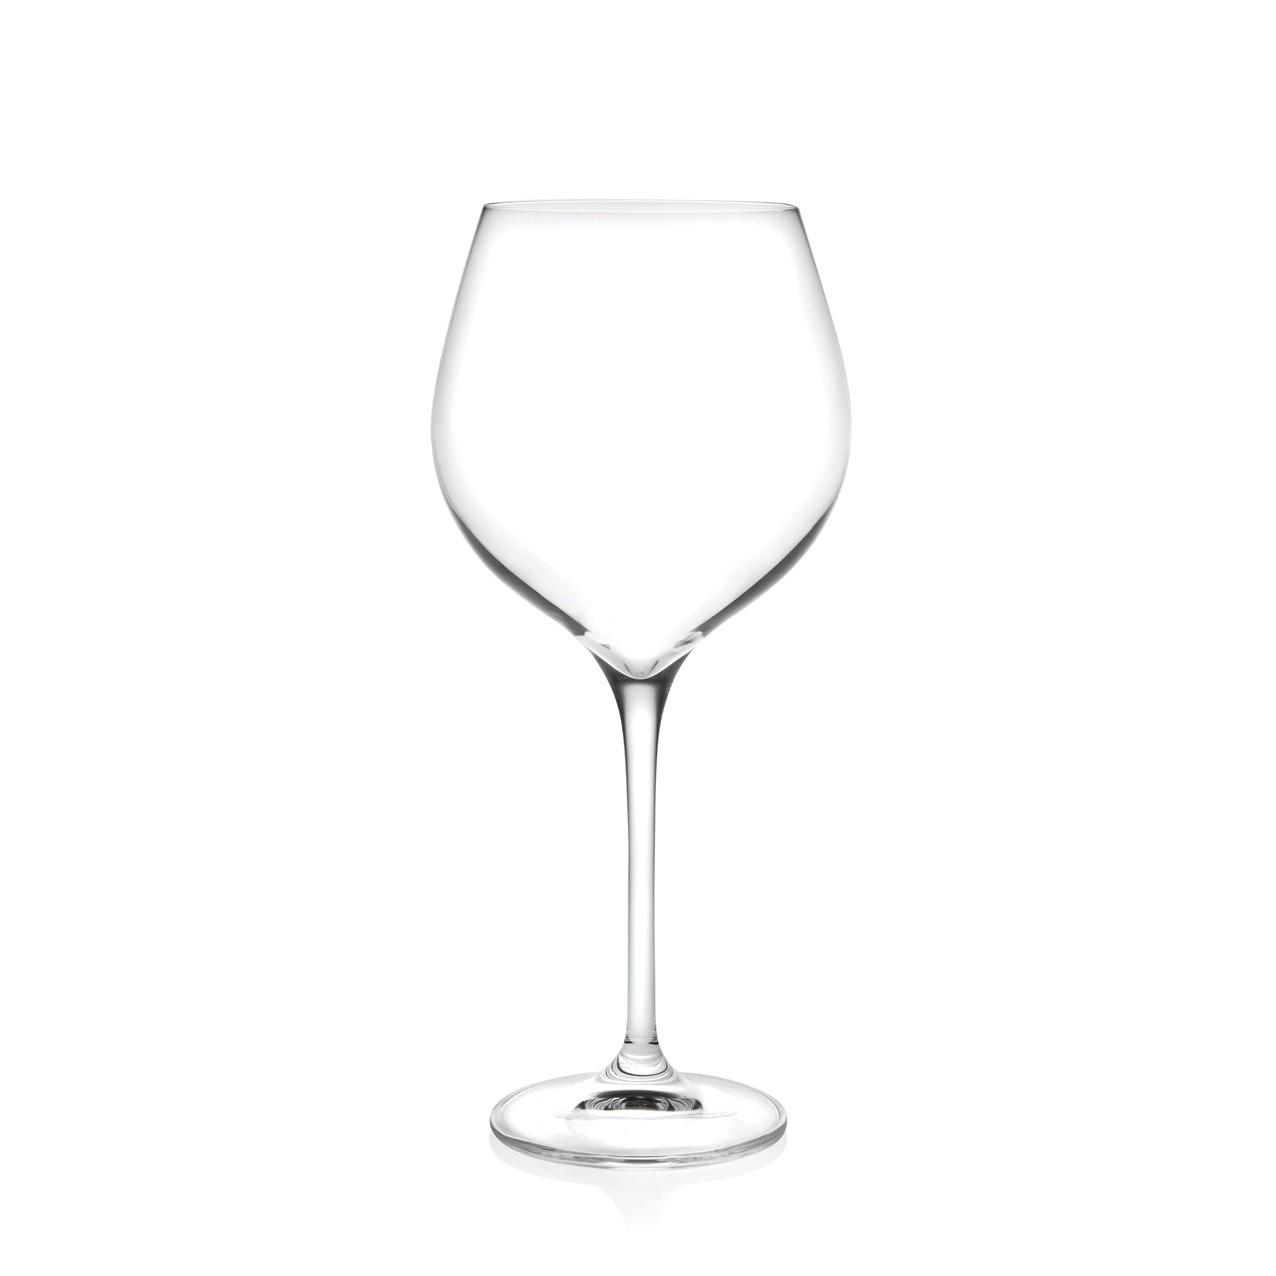 Ποτήρι Βουργουνδίας - Κρασιού Drop Σετ 6Τμχ Κρυστάλλινο 581ml Rcr home   ειδη σερβιρισματος   ποτήρια